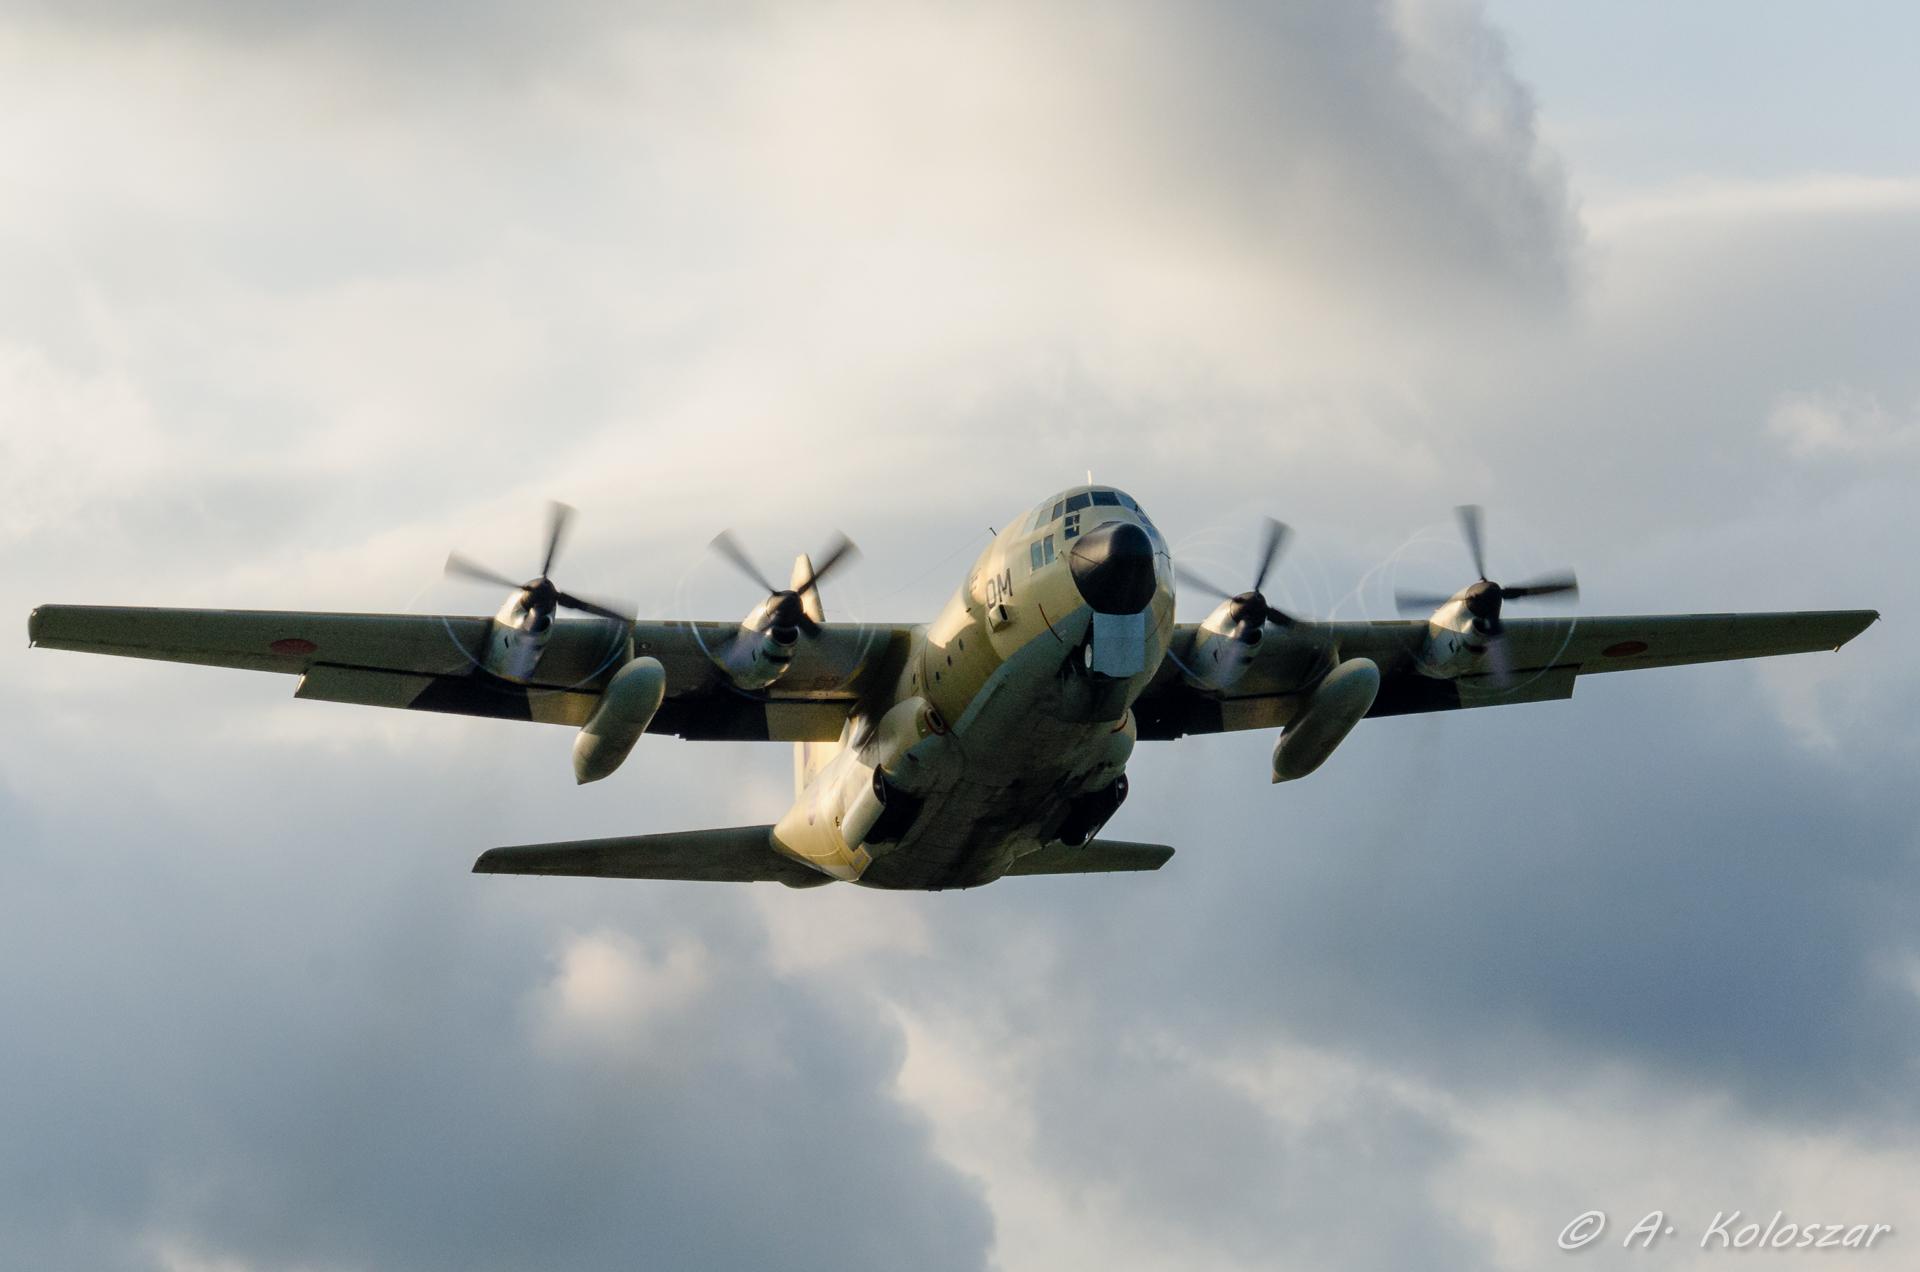 طائرات النقل العاملة بالقوات المسلحة المغربية 14510089709_ed1e5a119f_o